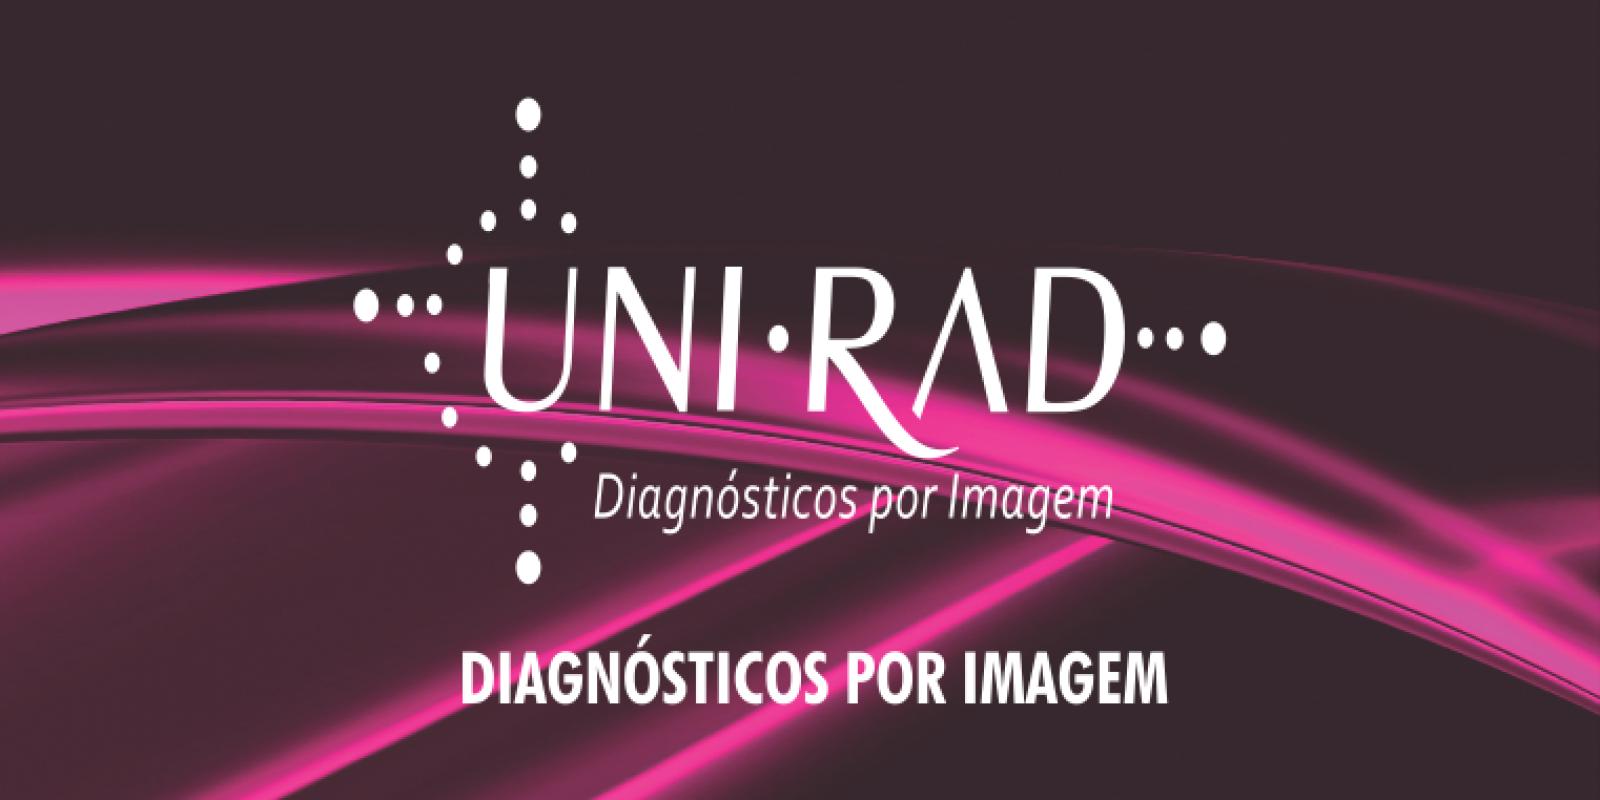 UNI RAD - Diagnóstico por Imagem